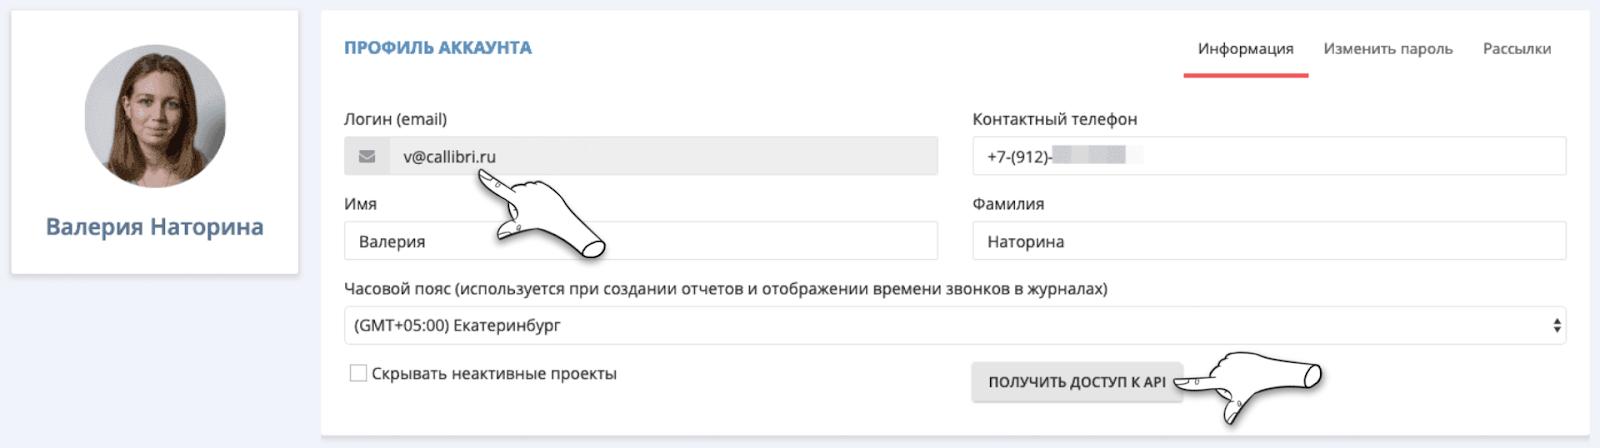 Заказать письмо с токеном пользователя